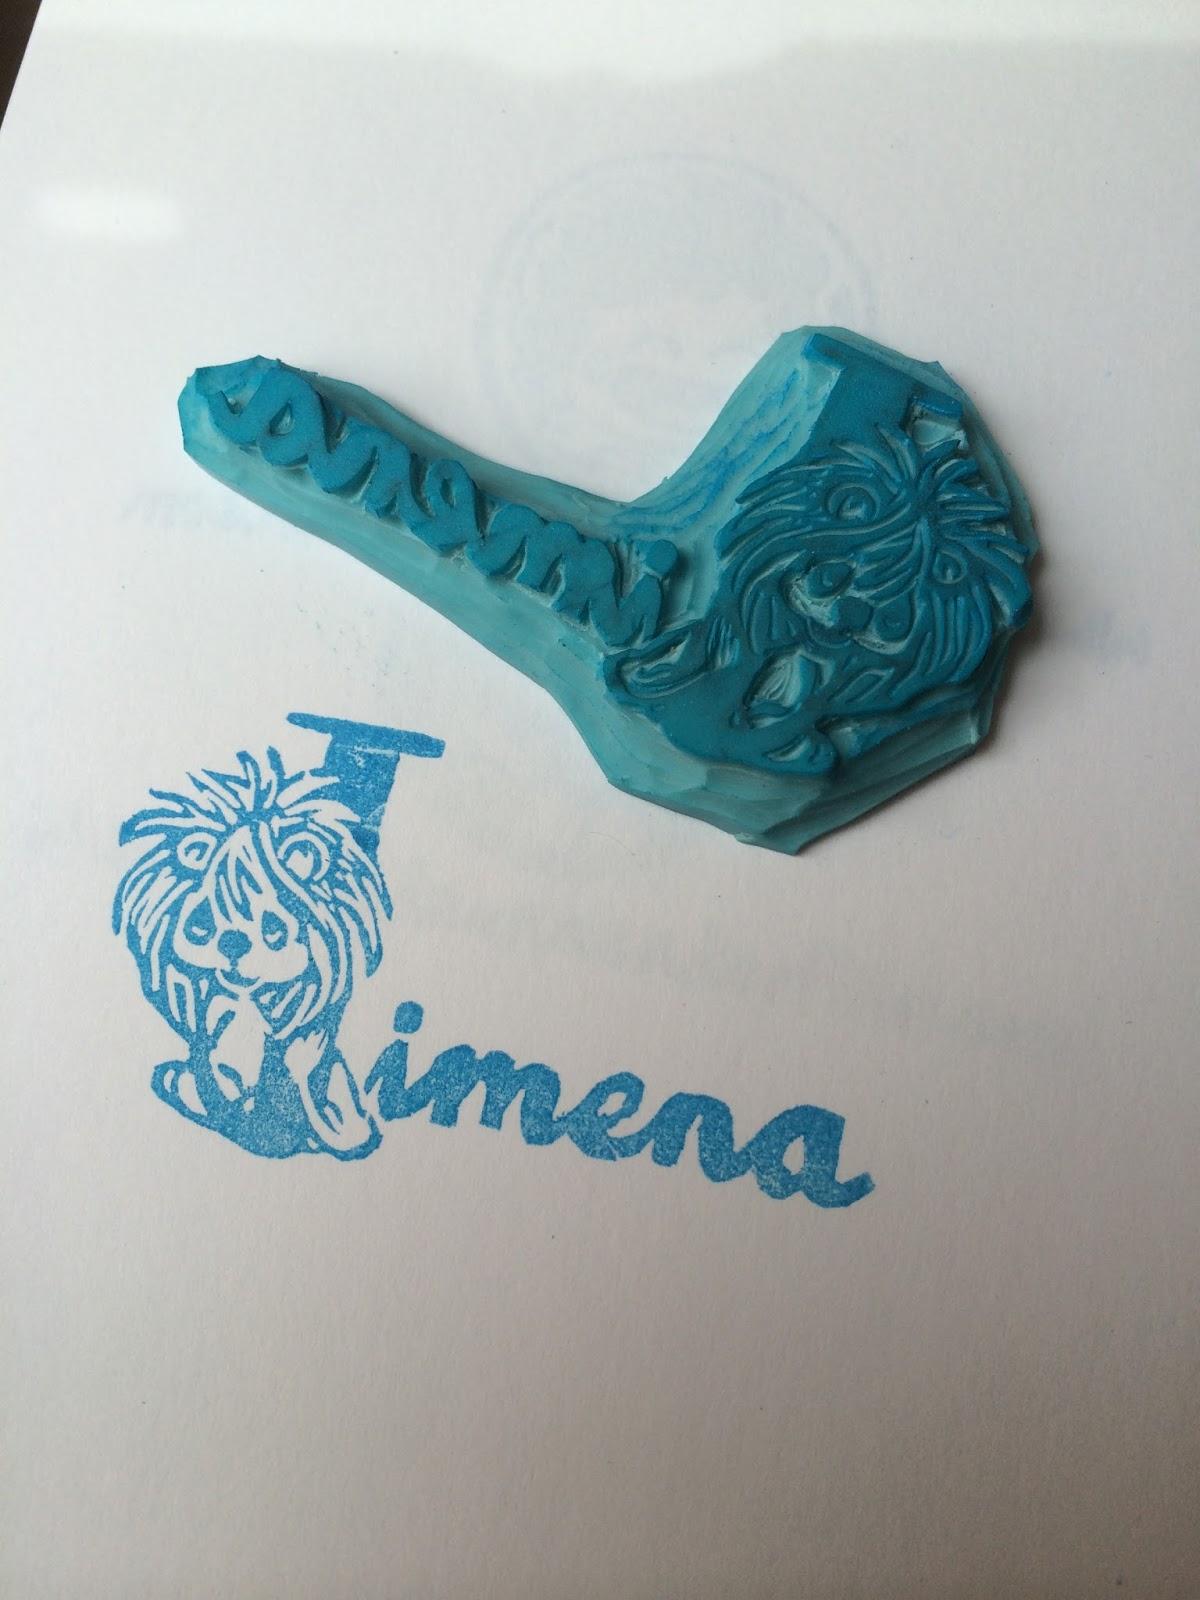 sello de goma carvado a mano de Jimena con un León